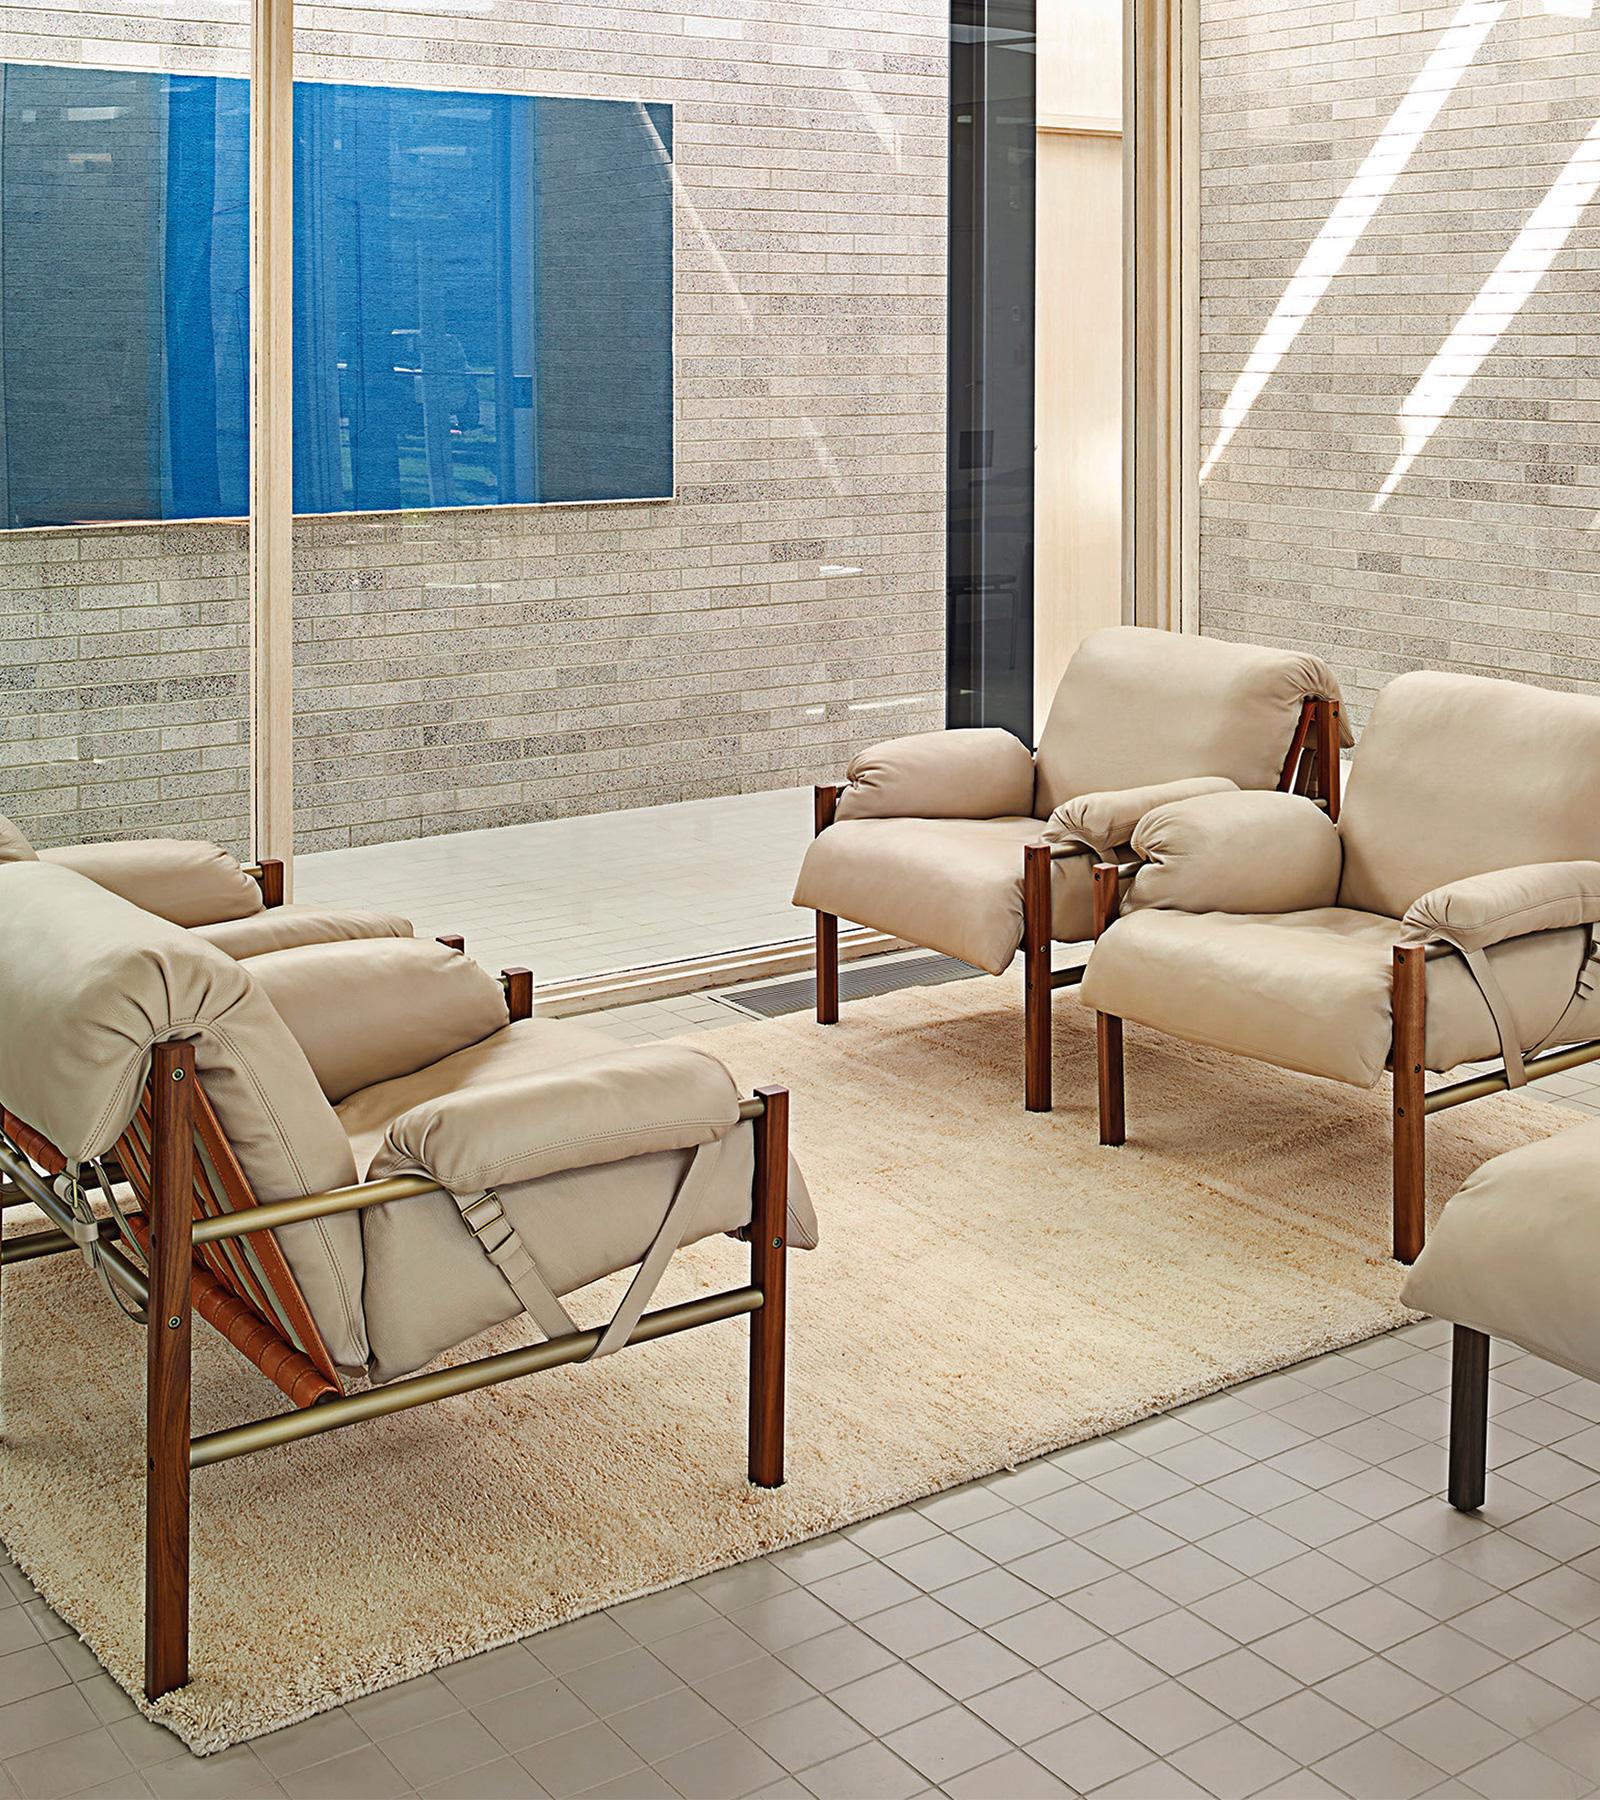 TinnappleMetz-bassamfellows-Sling-Club-Chair-12